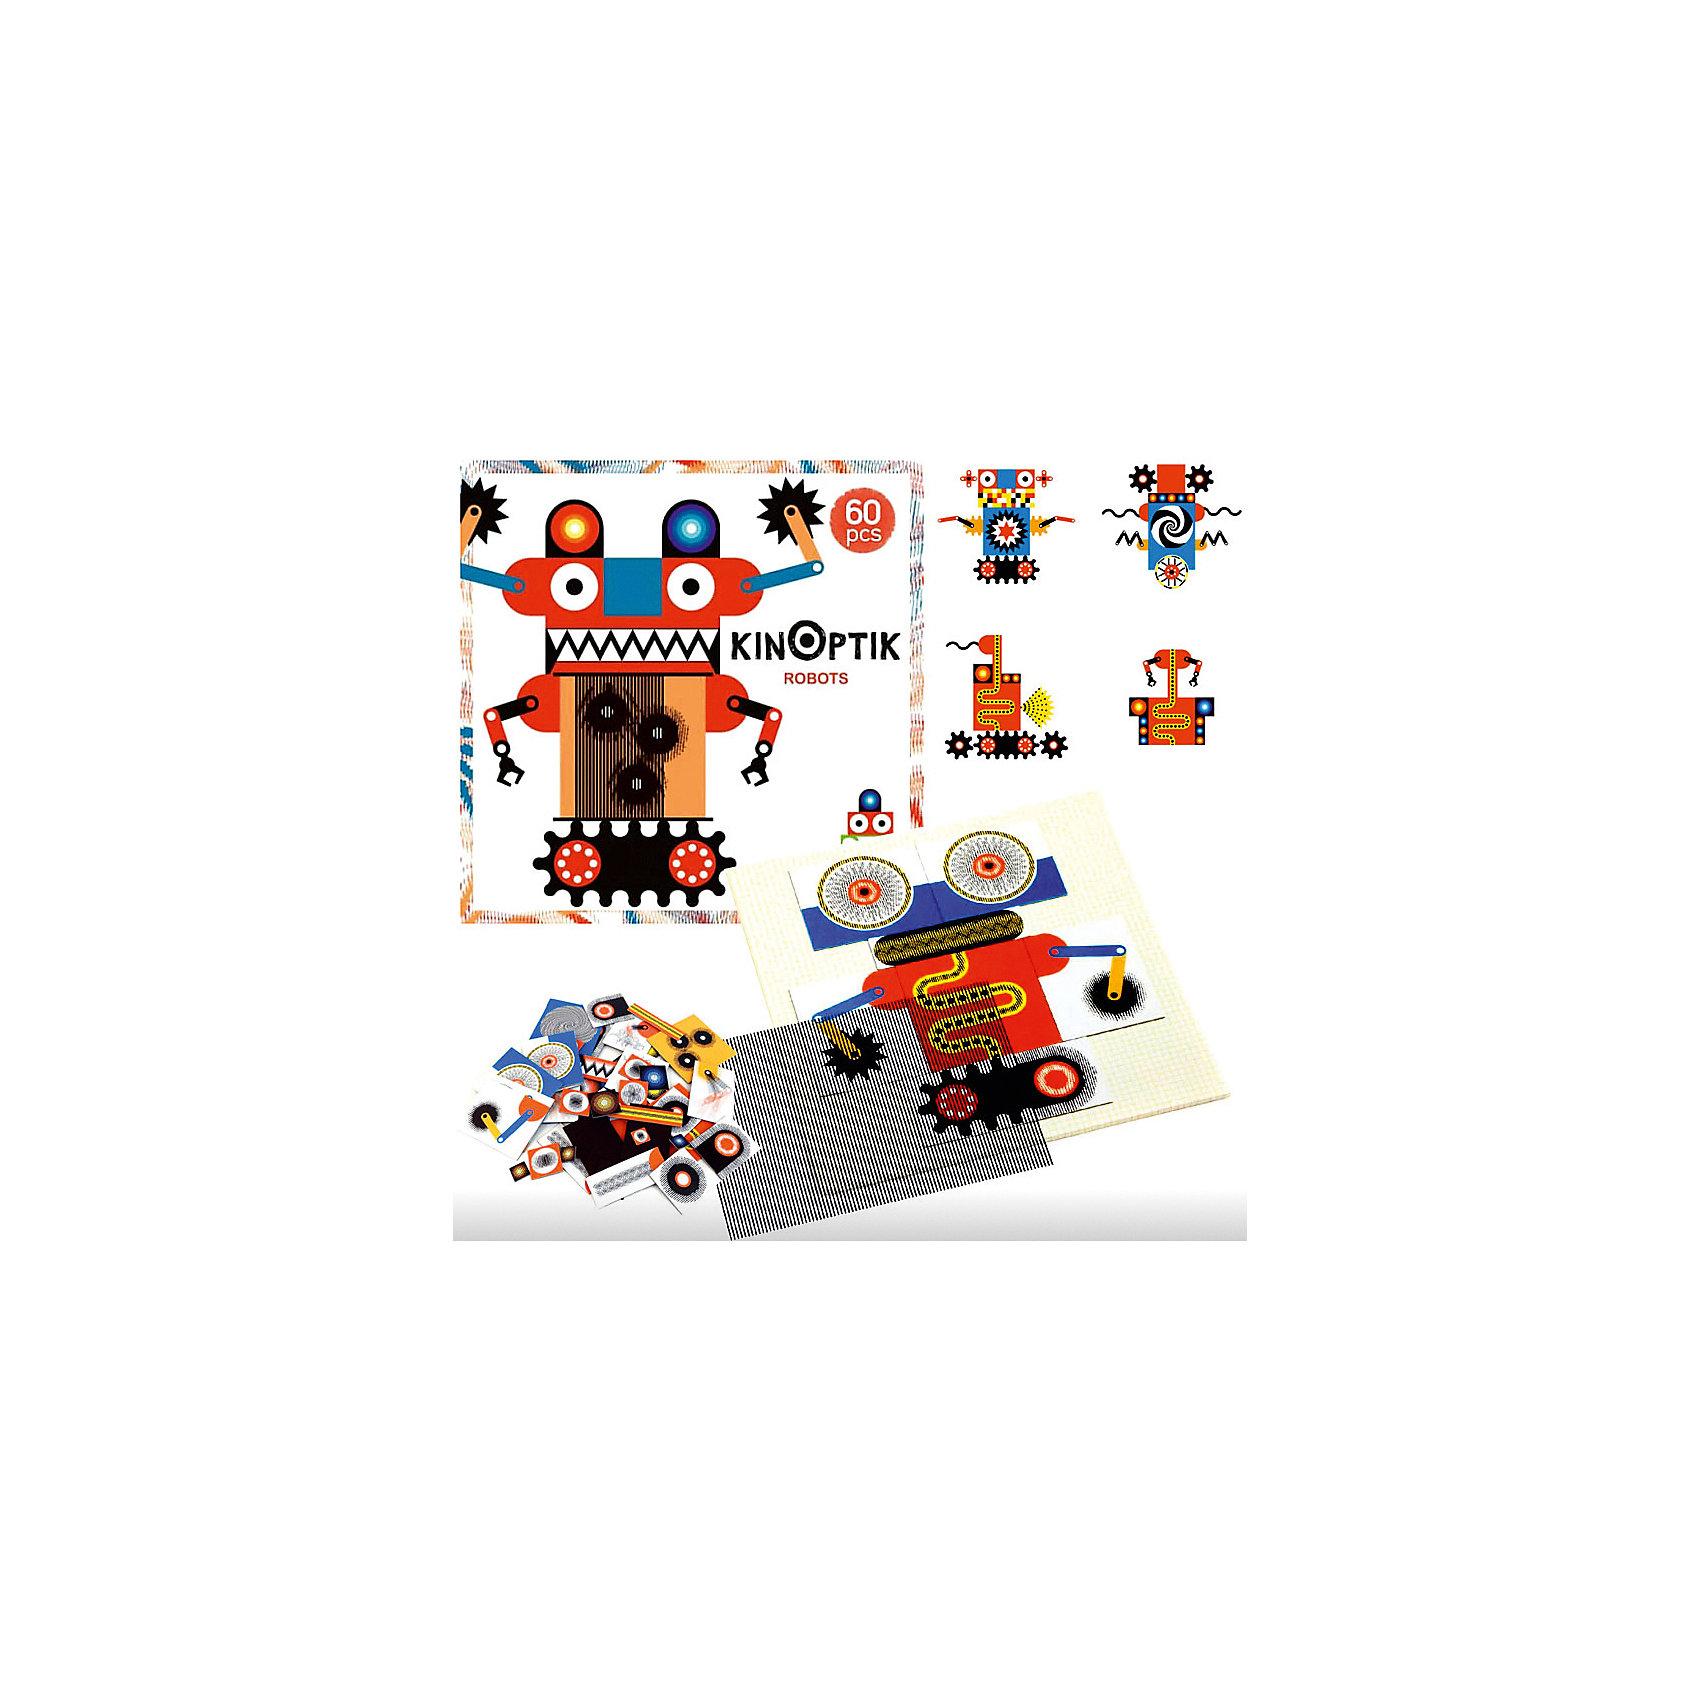 Пазл-аниматор Робот, DJECOПазлы для малышей<br><br>Пазл-аниматор Робот, DJECO (Джеко).<br><br>Характеристика:<br><br>• Материал: картон, магнит, пластик.   <br>• Размер упаковки: 32 х 32 х 5 см.<br>• Размер картинки: 30 х 30 см.<br>• Комплектация: магнитный лист-основа, 2 оптик-листа, 60 частей пазла, инструкция с примерами.<br>• Отдельные детали пазла двигаются. <br>• Развивает моторику рук, внимание и фантазию.<br>• Оригинальный красочный дизайн.<br>• Рекомендован для детей от 5 лет. <br><br>Пазлы-аниматоры Киноптик от французского бренда Джеко приведут в восторг любого ребенка! С этим чудесным набором дети смогут создать забавных роботов, а затем оживить их! Нужно лишь собрать из деталей картинку, приложить к ней специальный прозрачный лист и провести по нему рукой: веселые роботы оживут и будут двигаться!  <br>Все детали набора выполнены из высококачественных нетоксичных материалов абсолютно безопасных для детей. Игра с пазлом - увлекательное и полезное занятие, развивающее моторику рук, внимание, фантазию и умение работать по инструкции. <br><br>Пазл-аниматор Робот, DJECO (Джеко), можно купить в нашем интернет-магазине.<br><br>Ширина мм: 320<br>Глубина мм: 320<br>Высота мм: 50<br>Вес г: 1000<br>Возраст от месяцев: 60<br>Возраст до месяцев: 2147483647<br>Пол: Унисекс<br>Возраст: Детский<br>SKU: 5218935